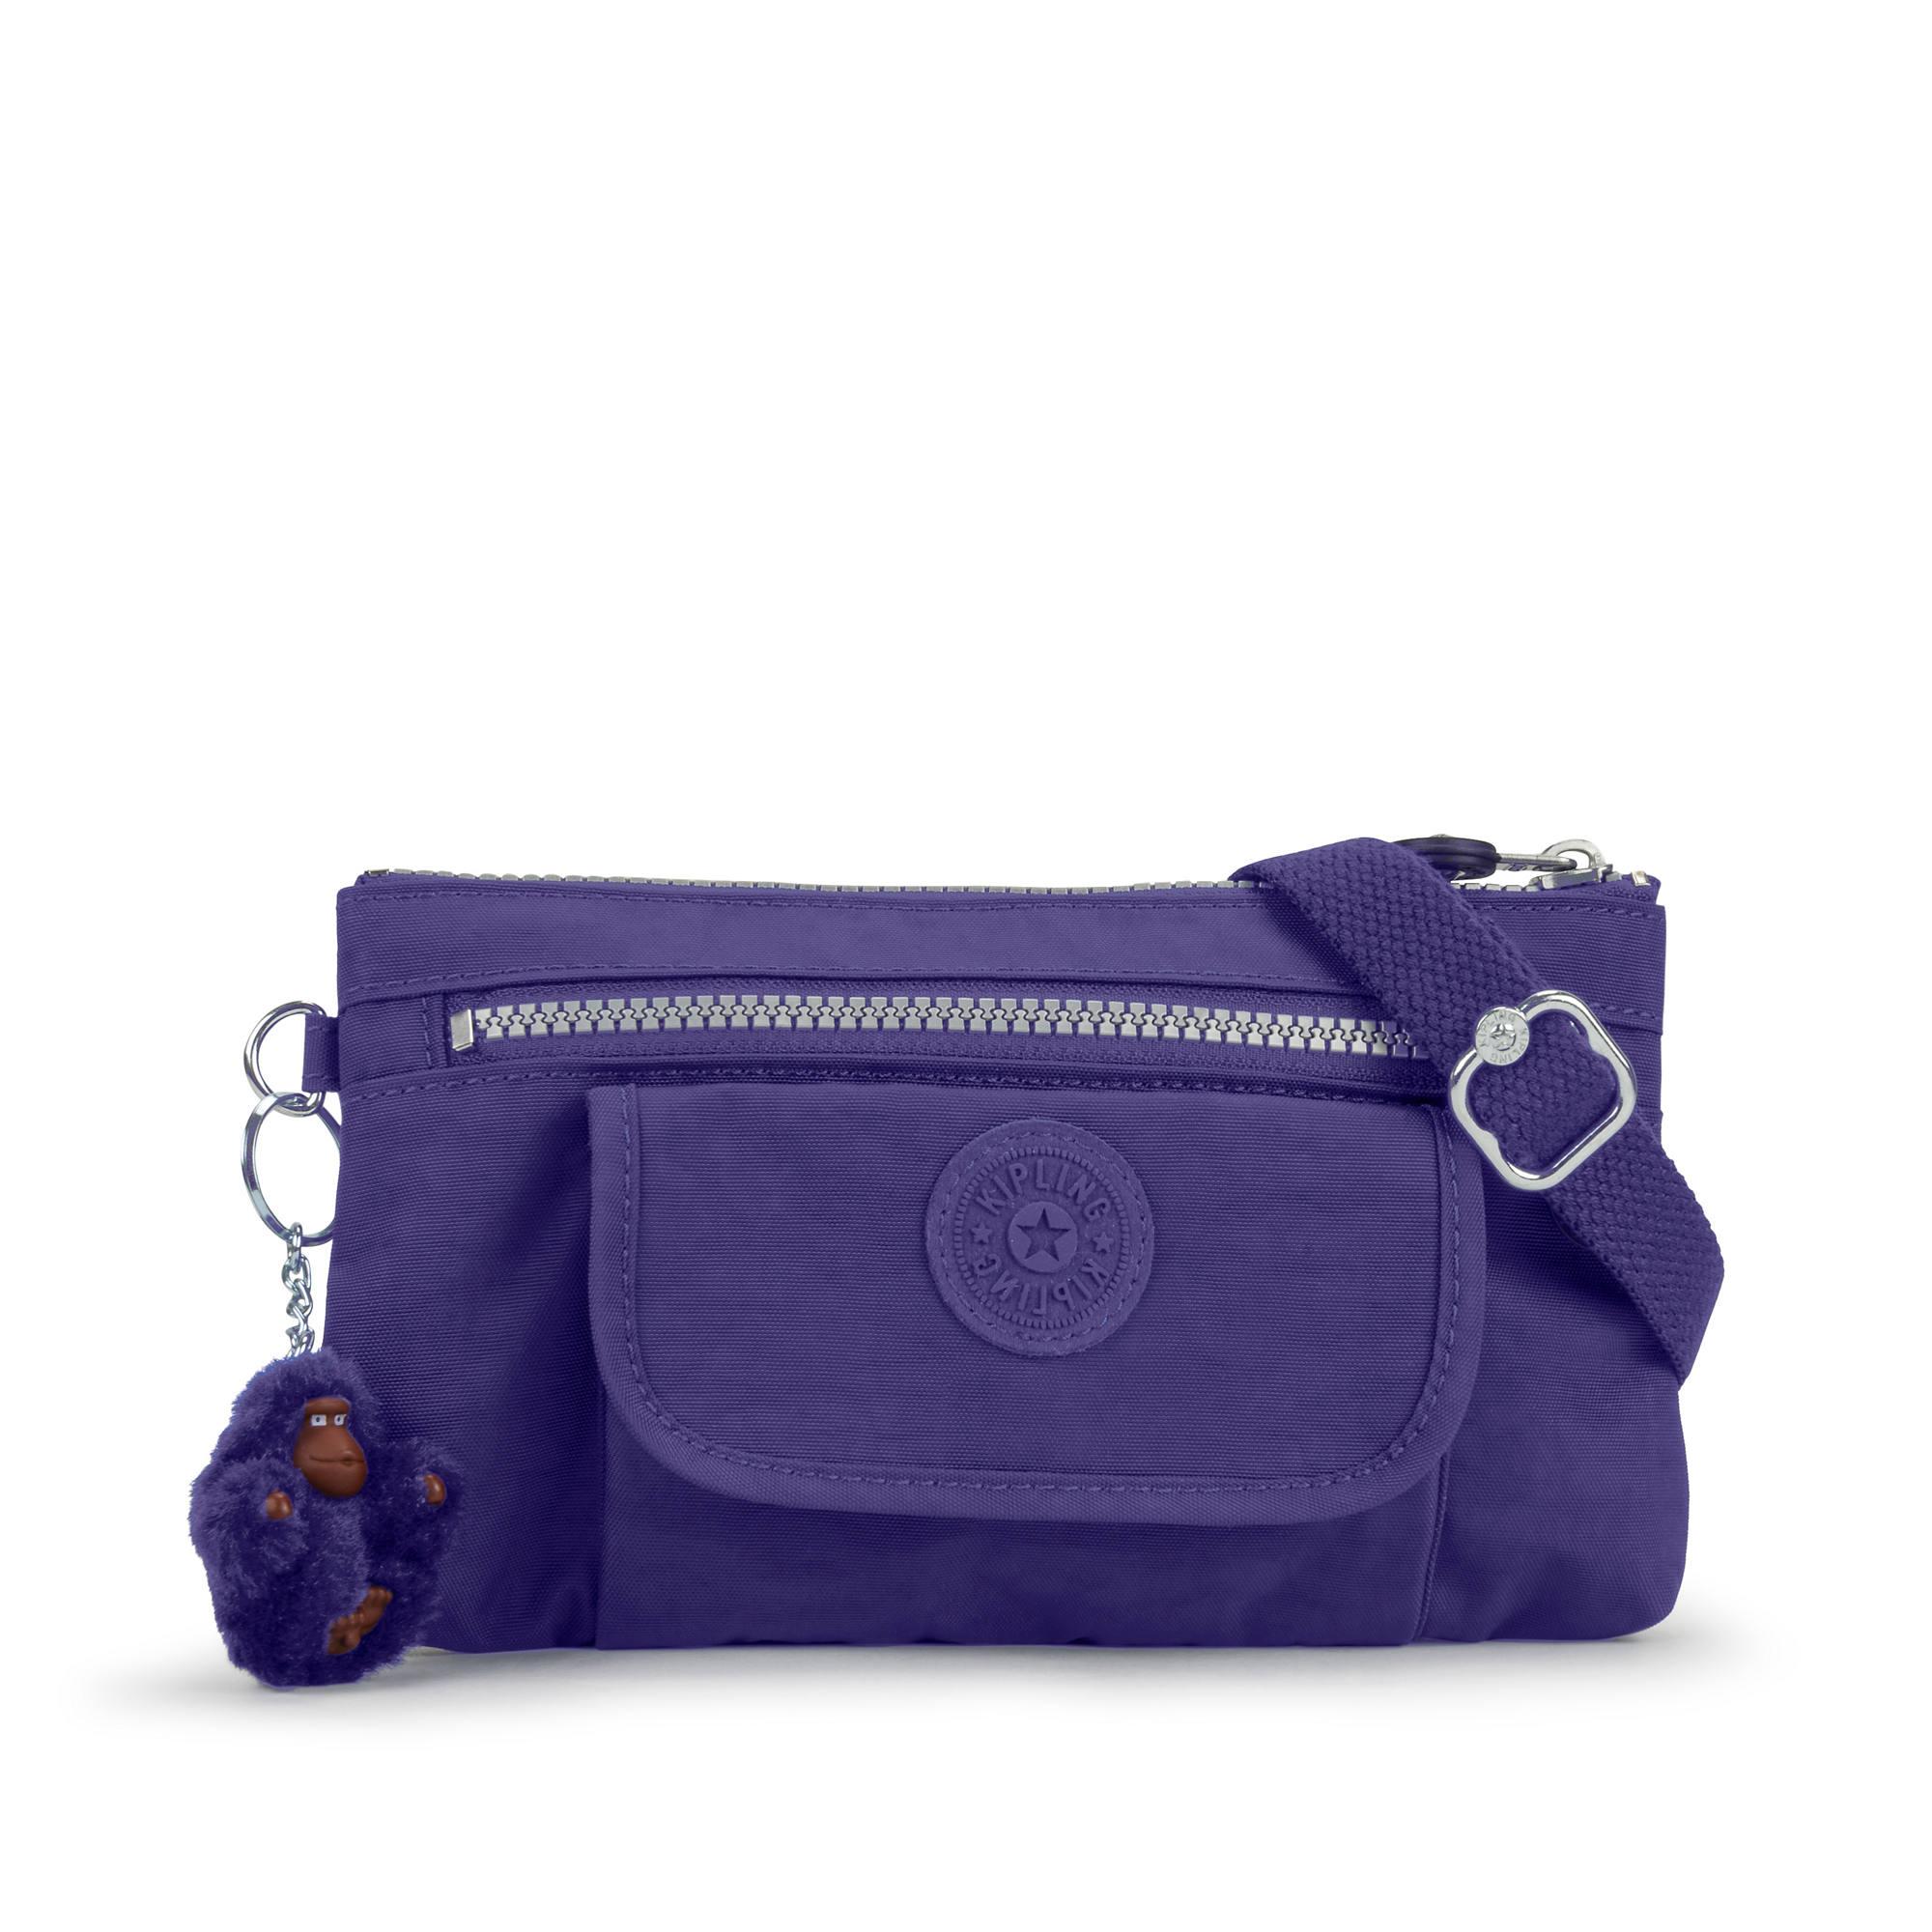 Alwyn Crossbody Bag Berry Blue Large